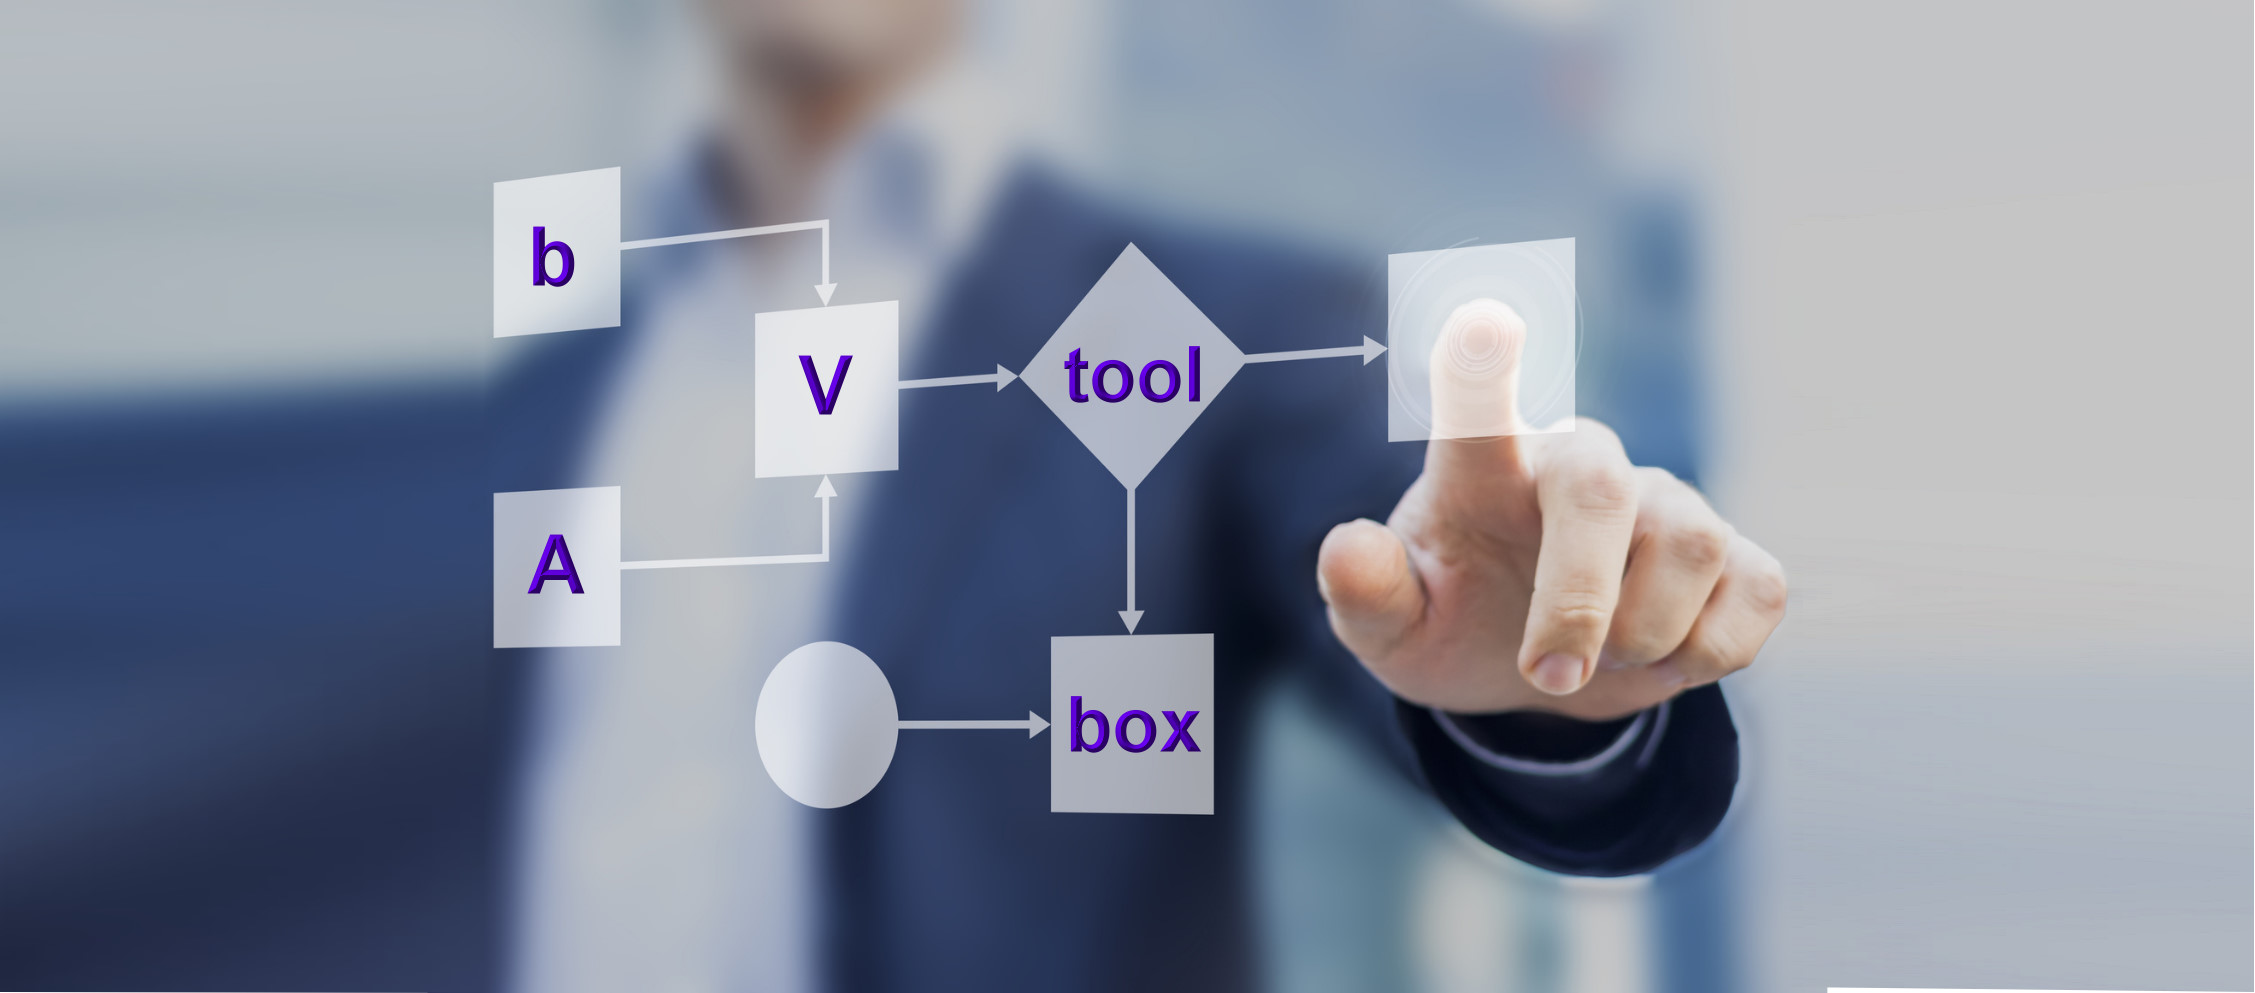 bAV-toolbox - Das Berechnungstool für die betriebliche Altersversorgung